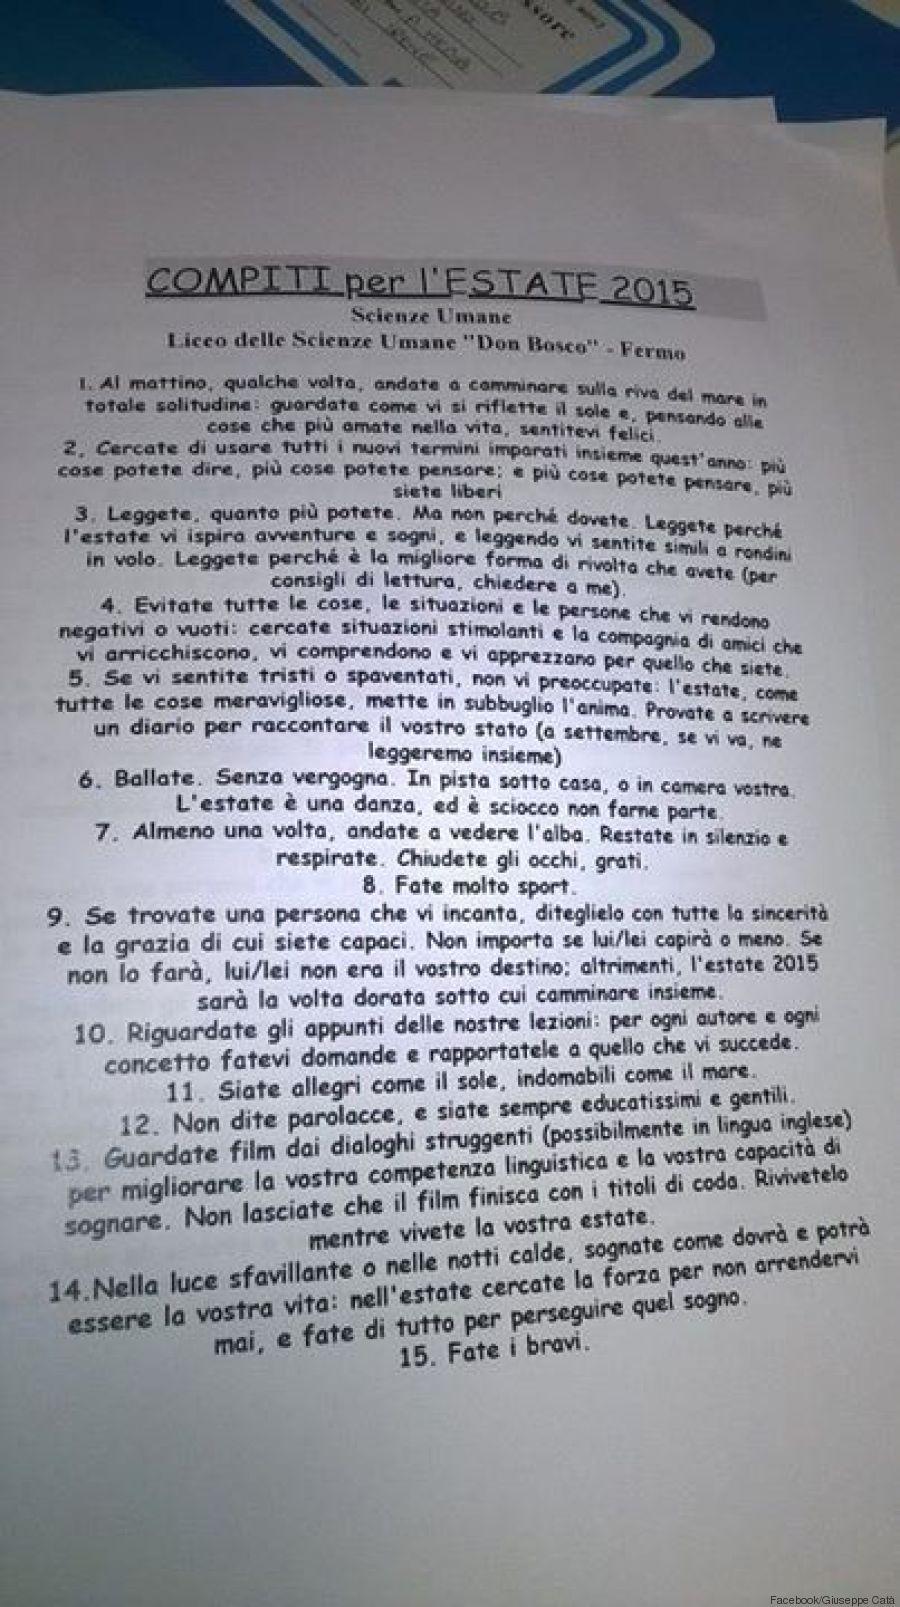 Compiti per le vacanze del professore di Fermo